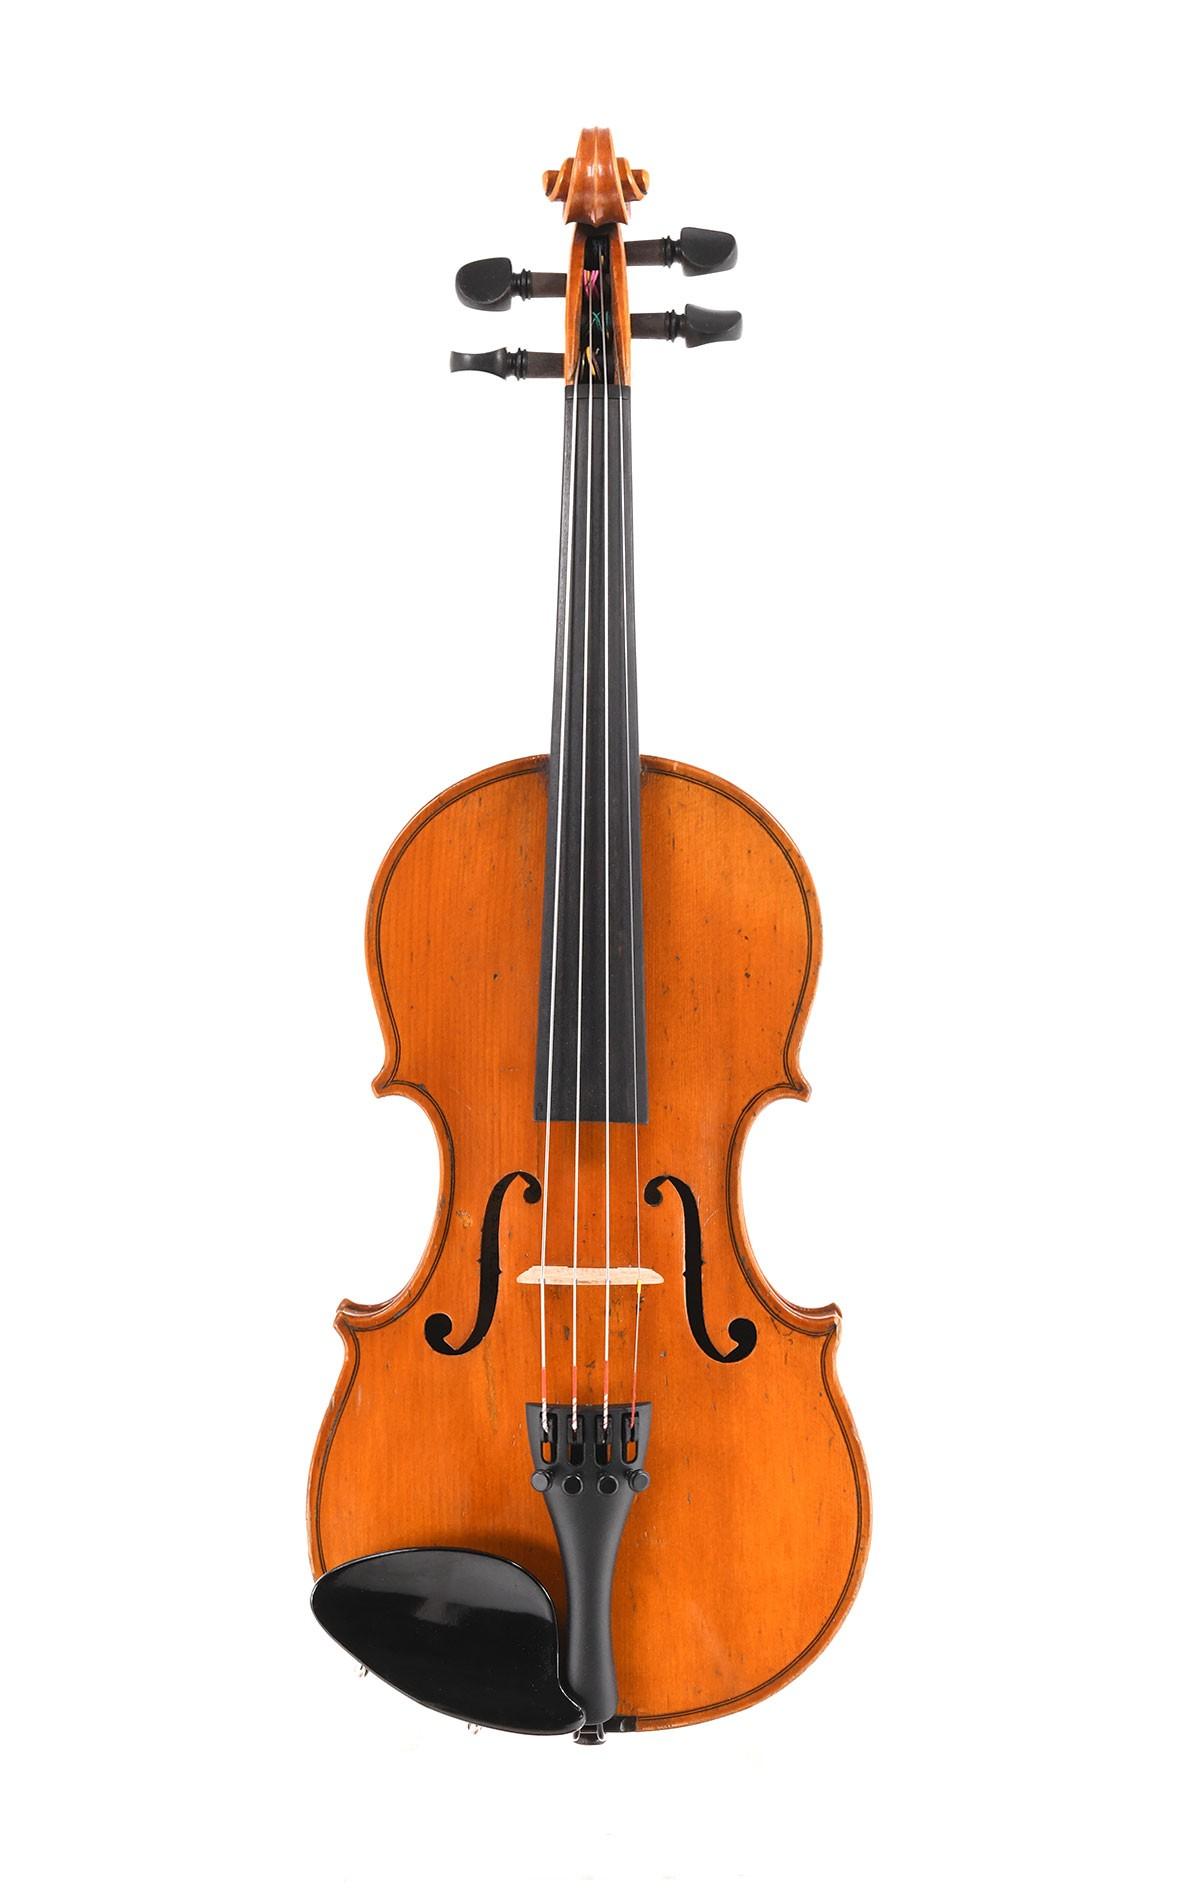 Rare 1/2 violon français, vers 1850 - pour solistes et concours